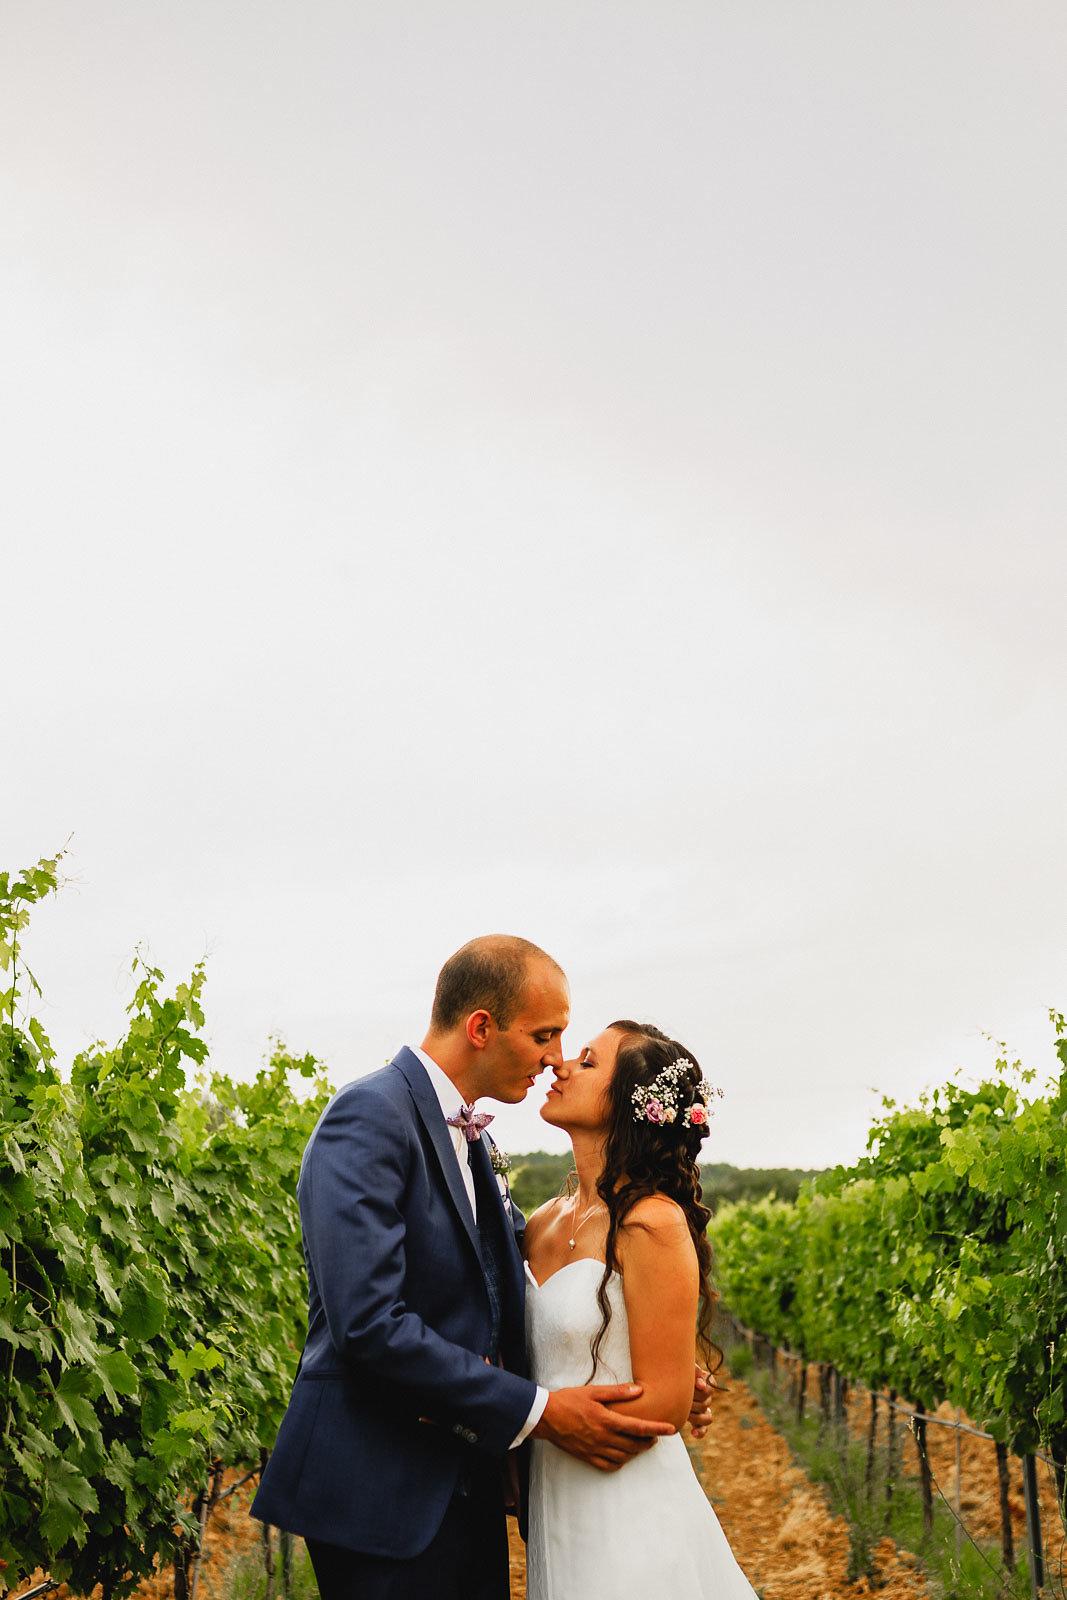 www.alexka.fr-destination-wedding-365.jpg